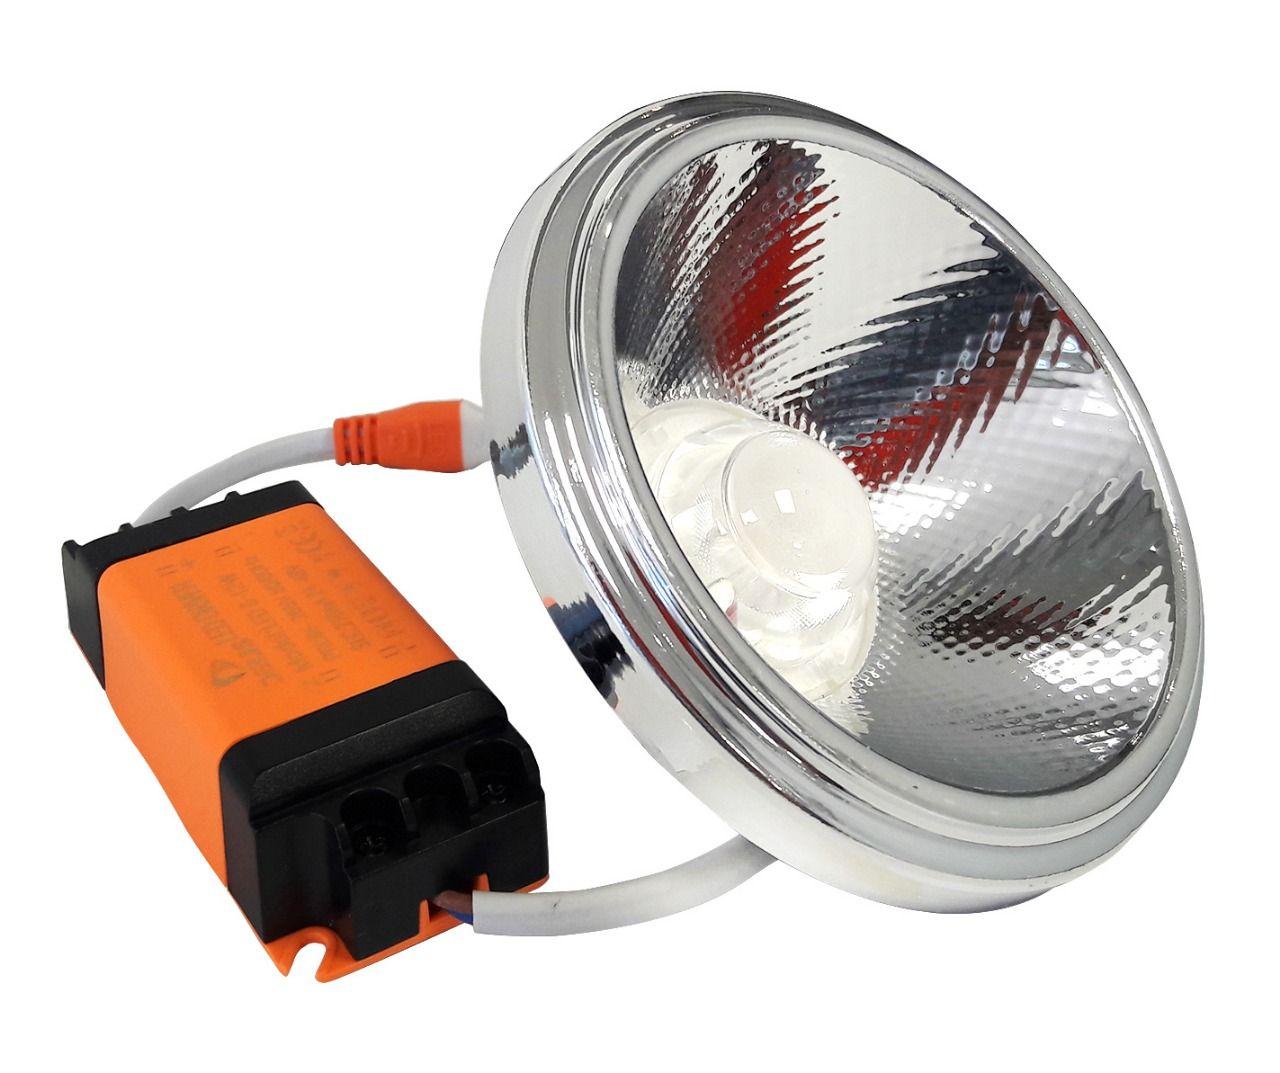 LAMPADA LED AR111 12W COB DRIVER BIVOLT - BRANCO QUENTE 2700K